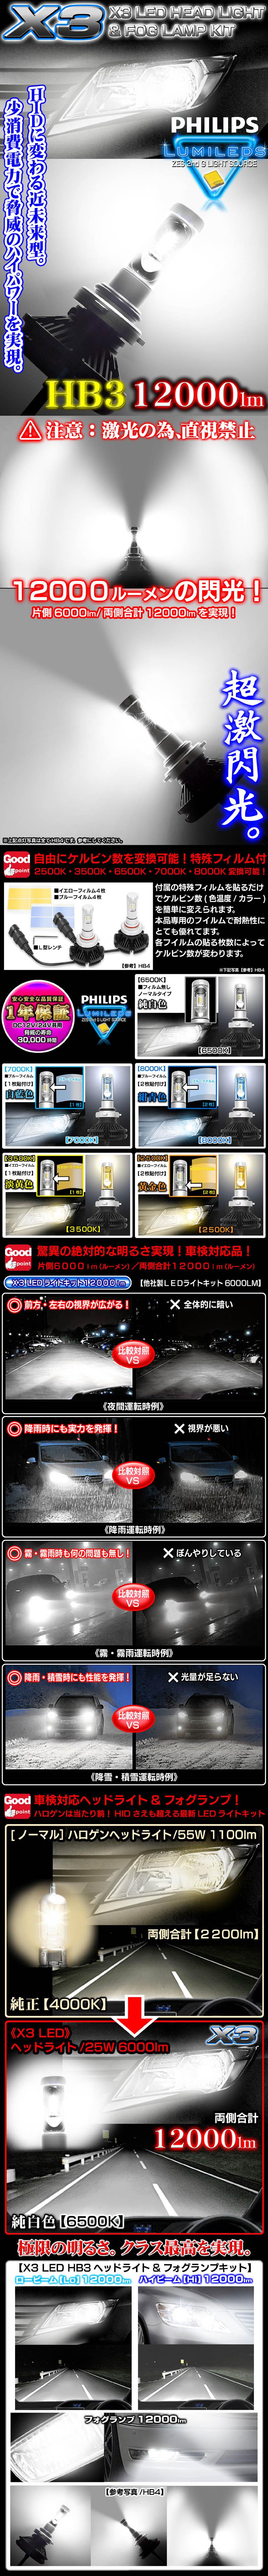 《車検対応 》X3 12000LMフィリップス製LEDヘッドライト&フォグランプキット【HB3】50W/6500K 2個セット